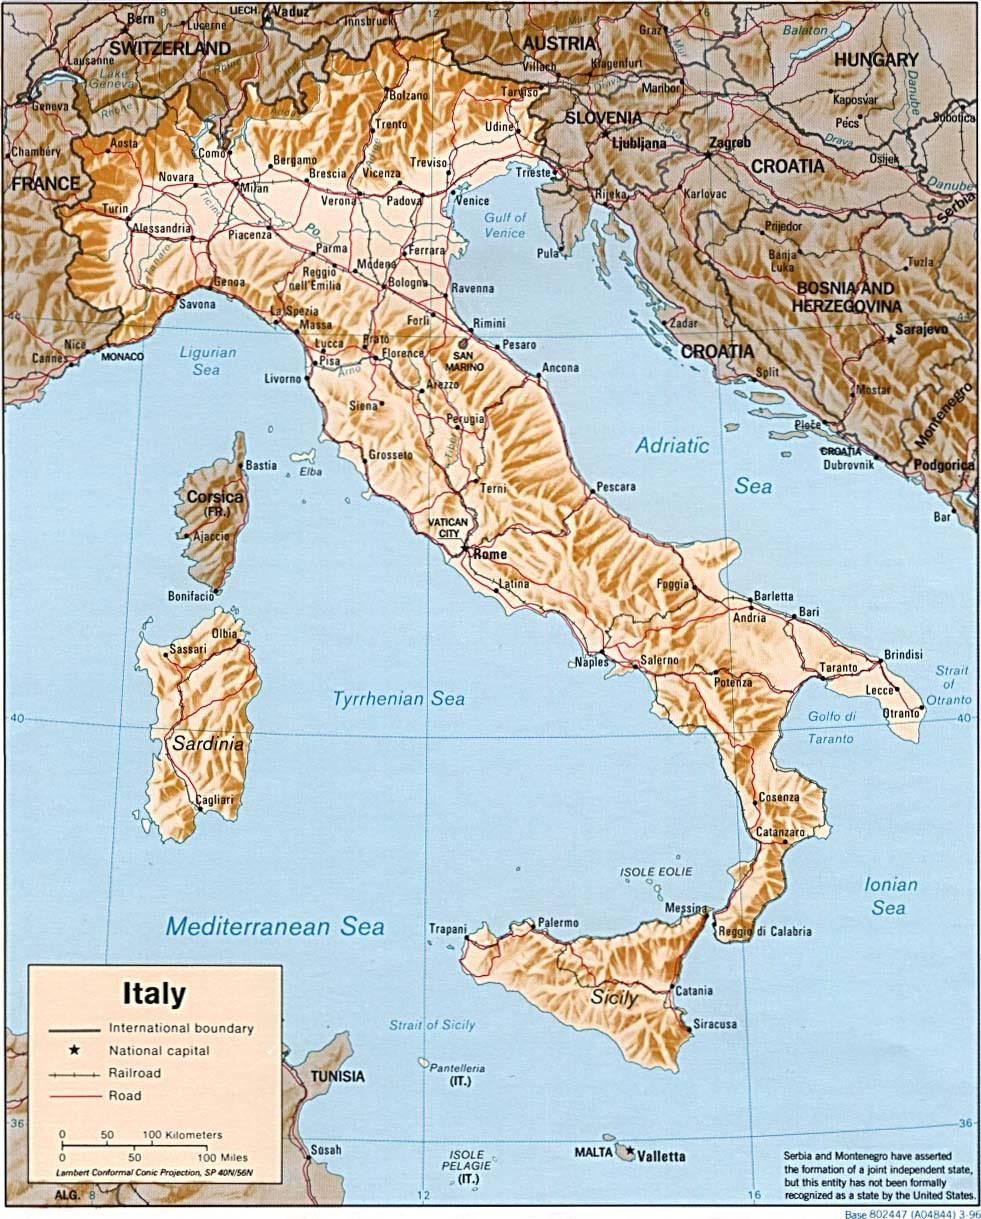 Cartina Dellitalia In Scala.Capitolo 8 Cartografia Navigazione Aerea S Jimdopage